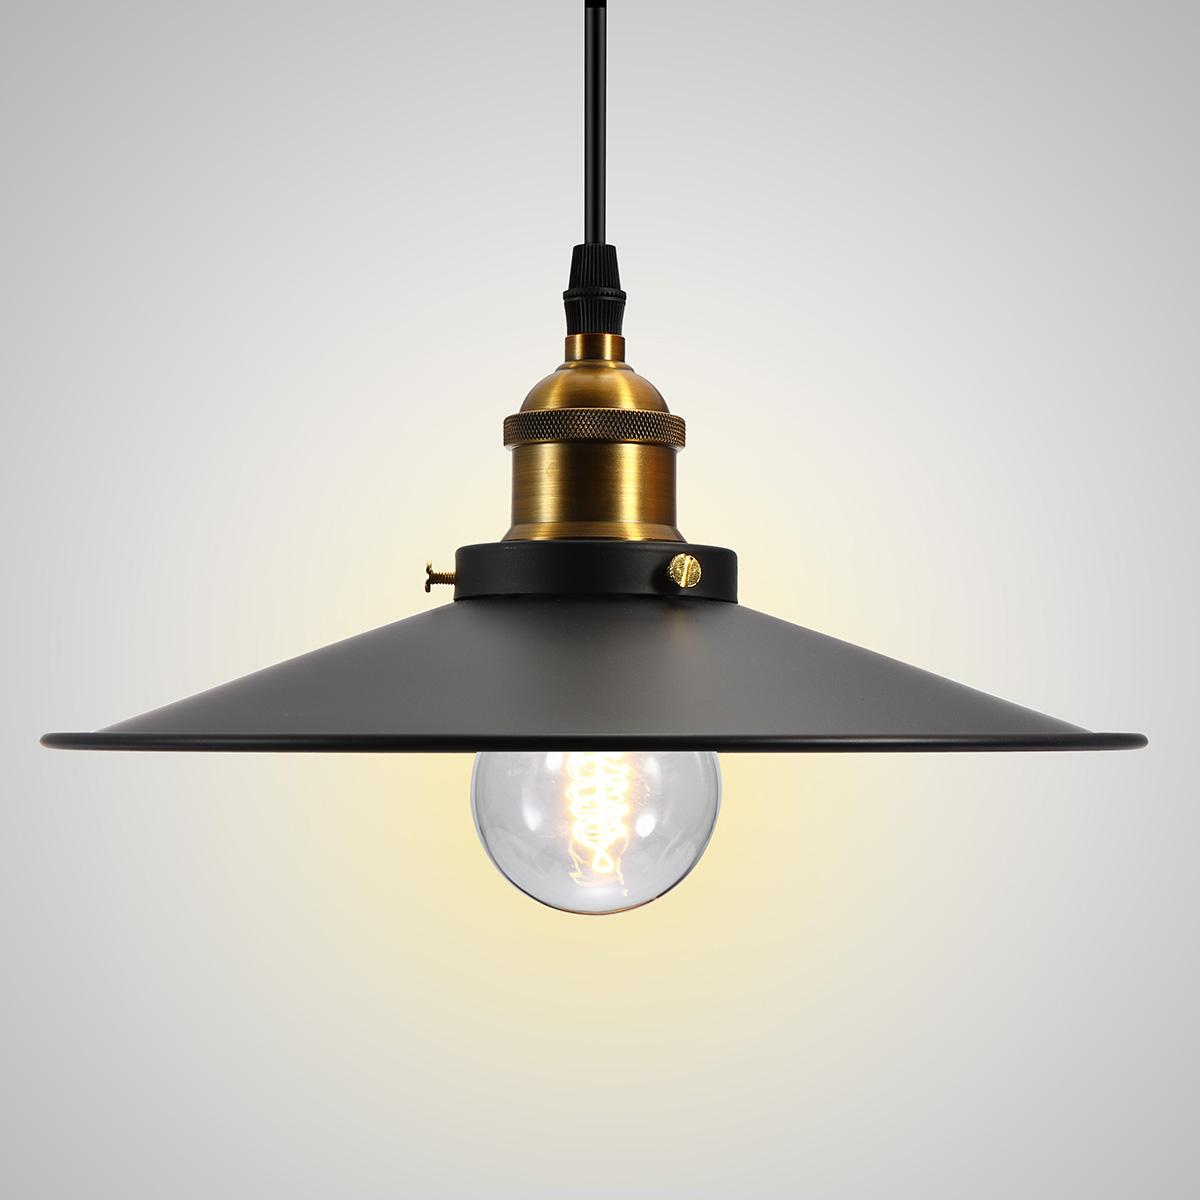 neufu lampe suspension industrielle vintage art d cor achat vente lampe suspension. Black Bedroom Furniture Sets. Home Design Ideas